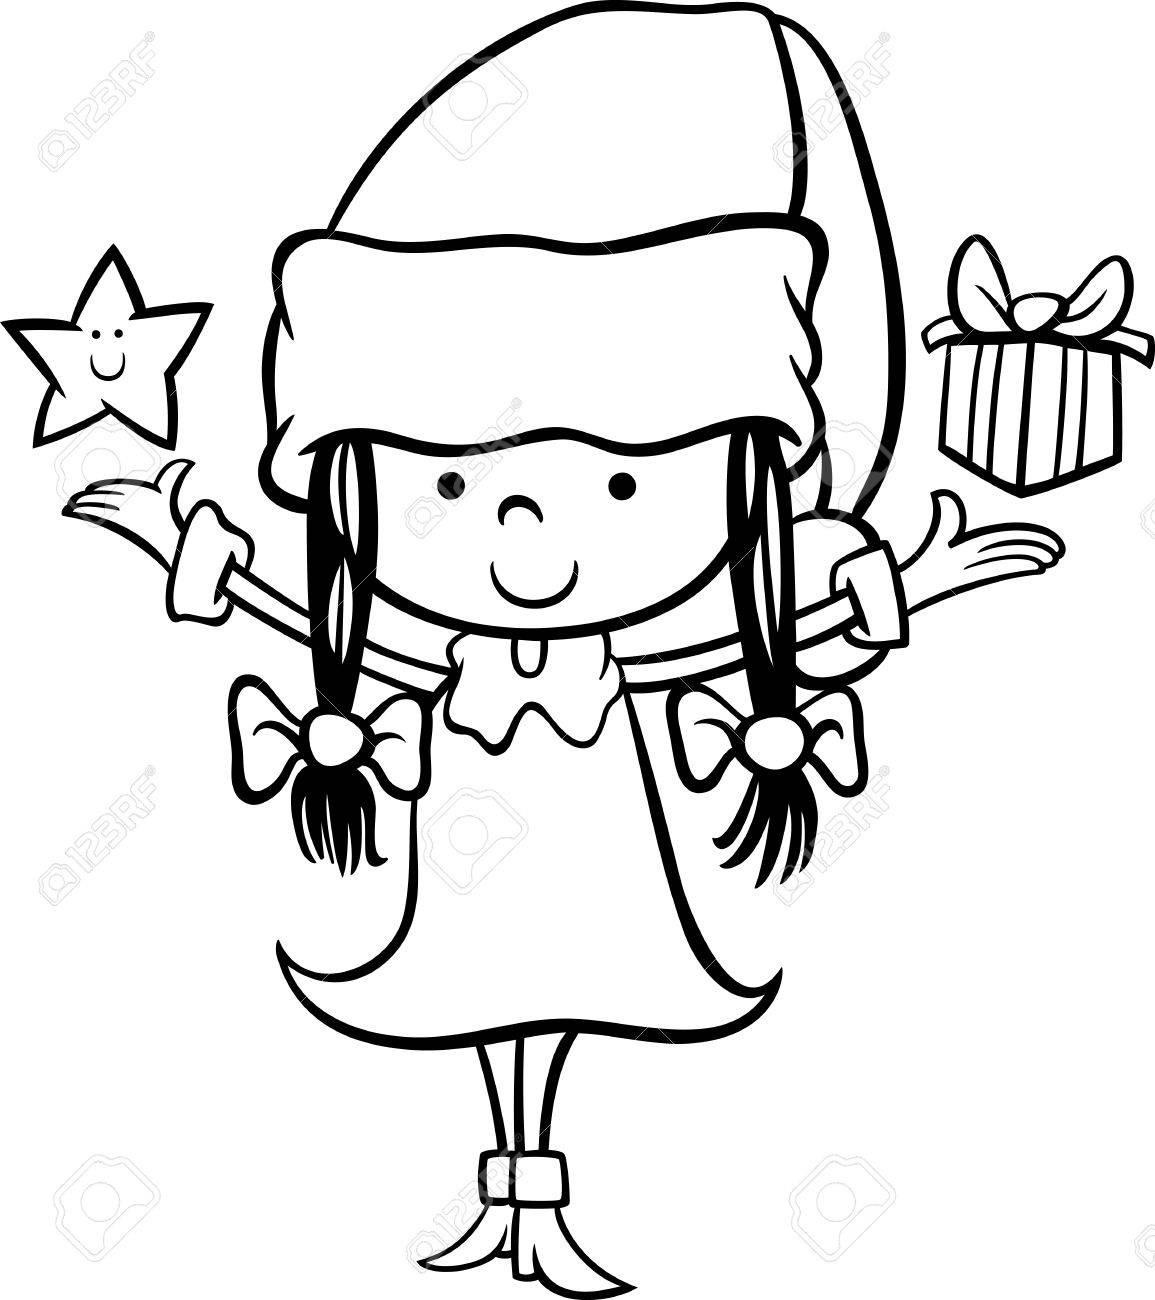 クリスマスの星と塗り絵のプレゼント サンタ クロースの女の子の黒と白の